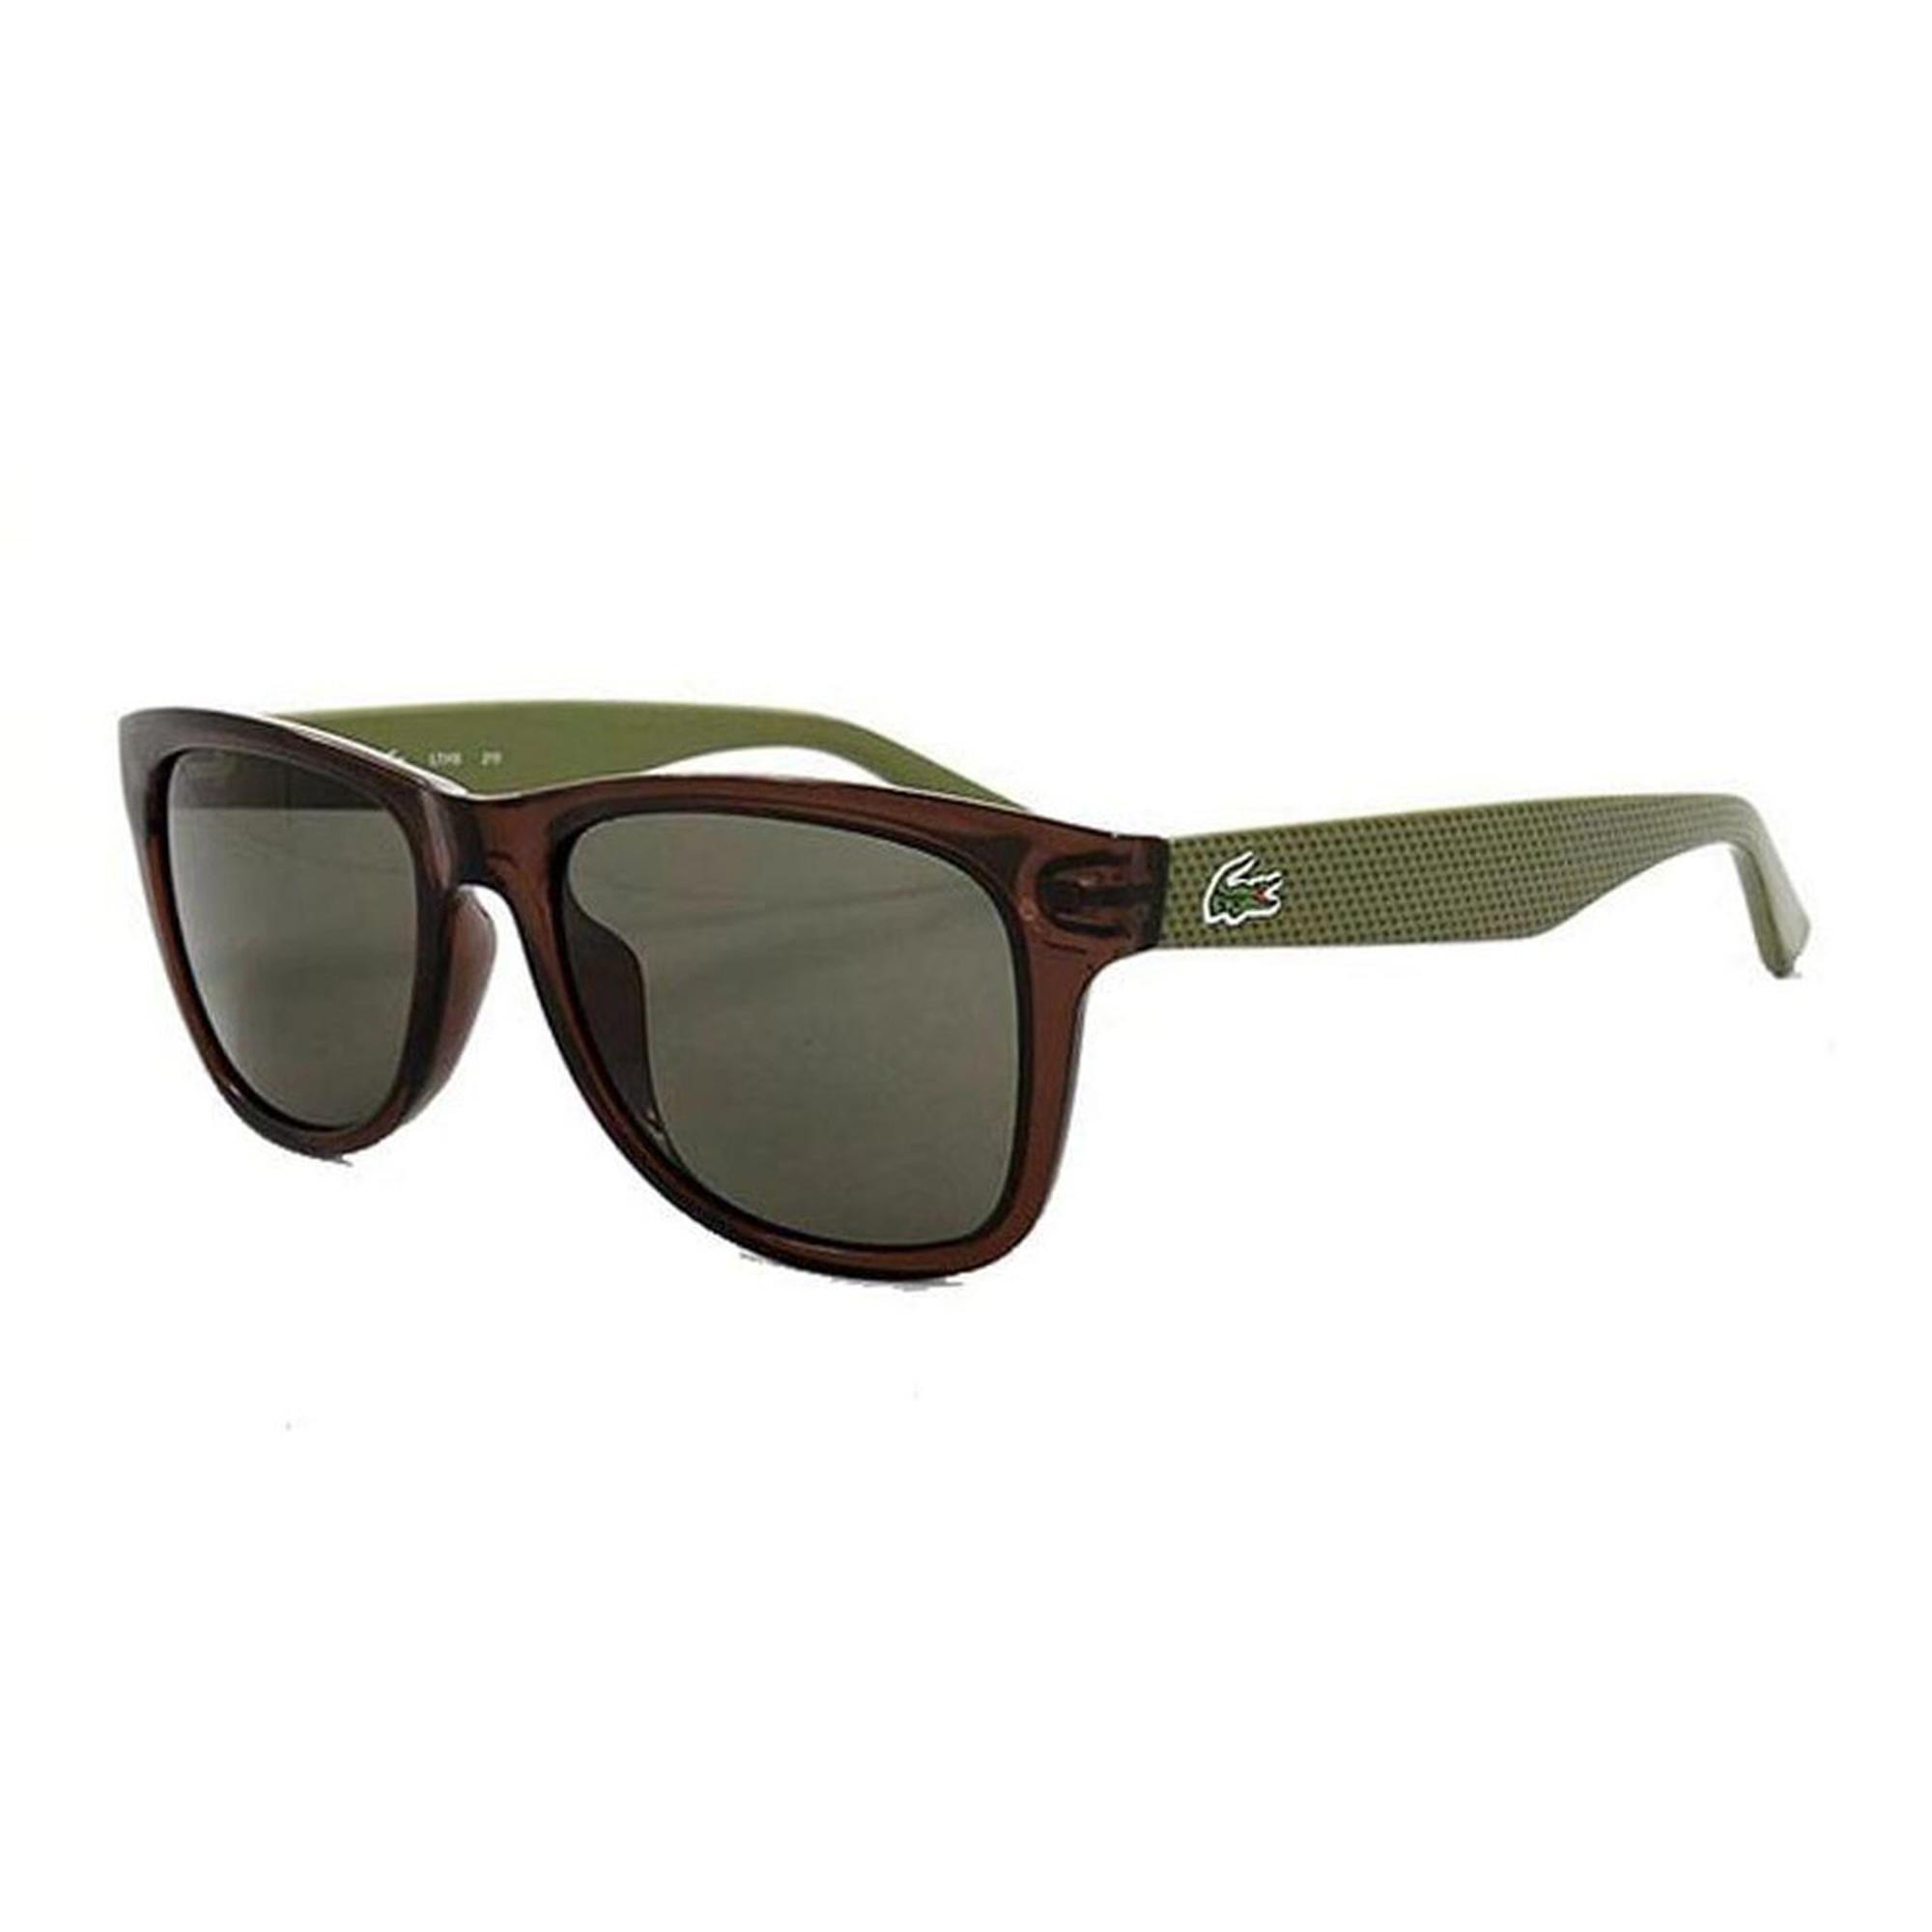 Lacoste Unisex Kahverengi - Yeşil Güneş Gözlüğü